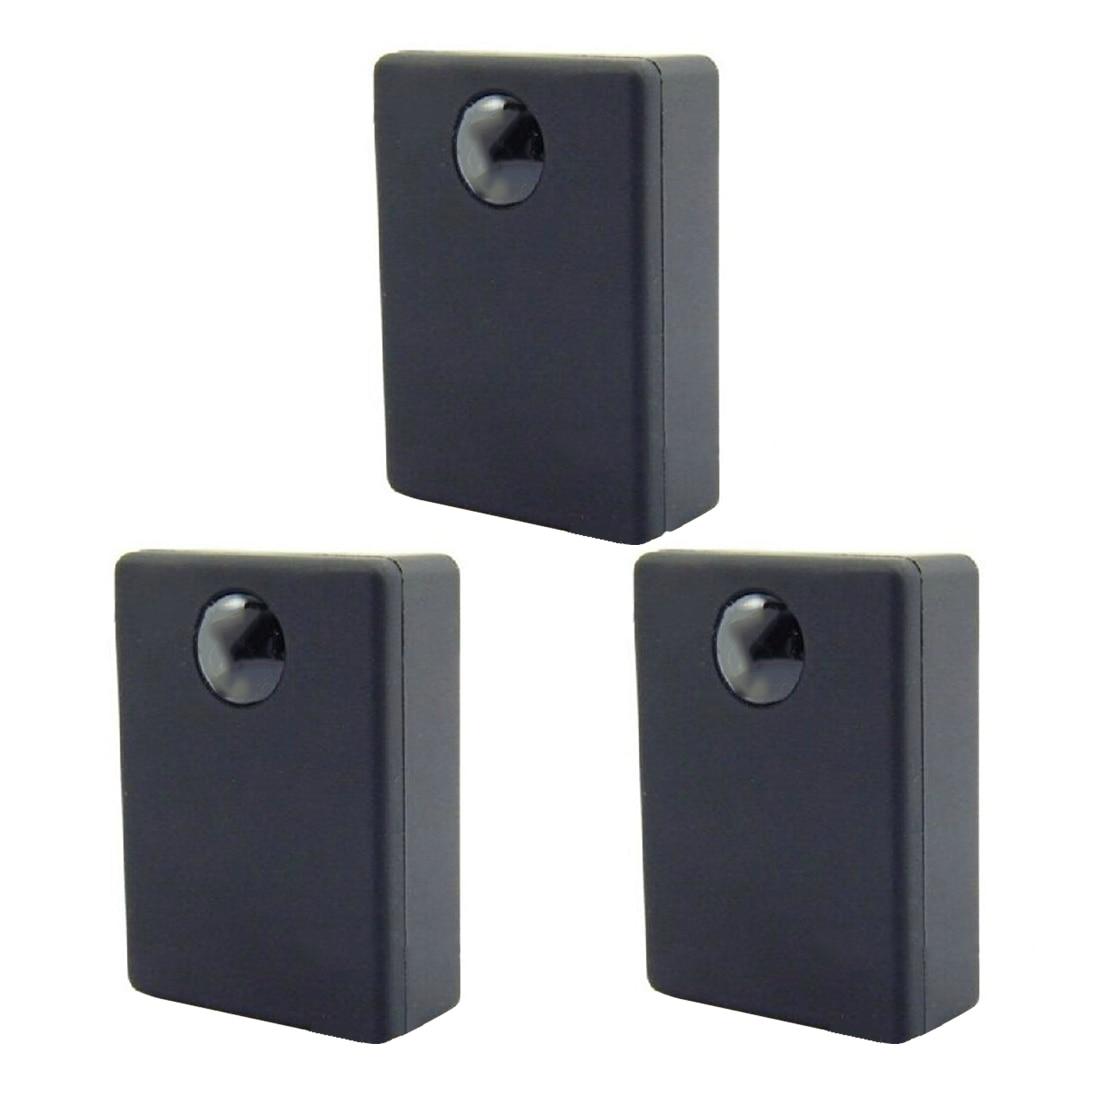 Marsnaska dispositivo GSM N9 audio Monitores escuchar vigilancia 12 días en espera personal mini voz activación con 2 micrófonos